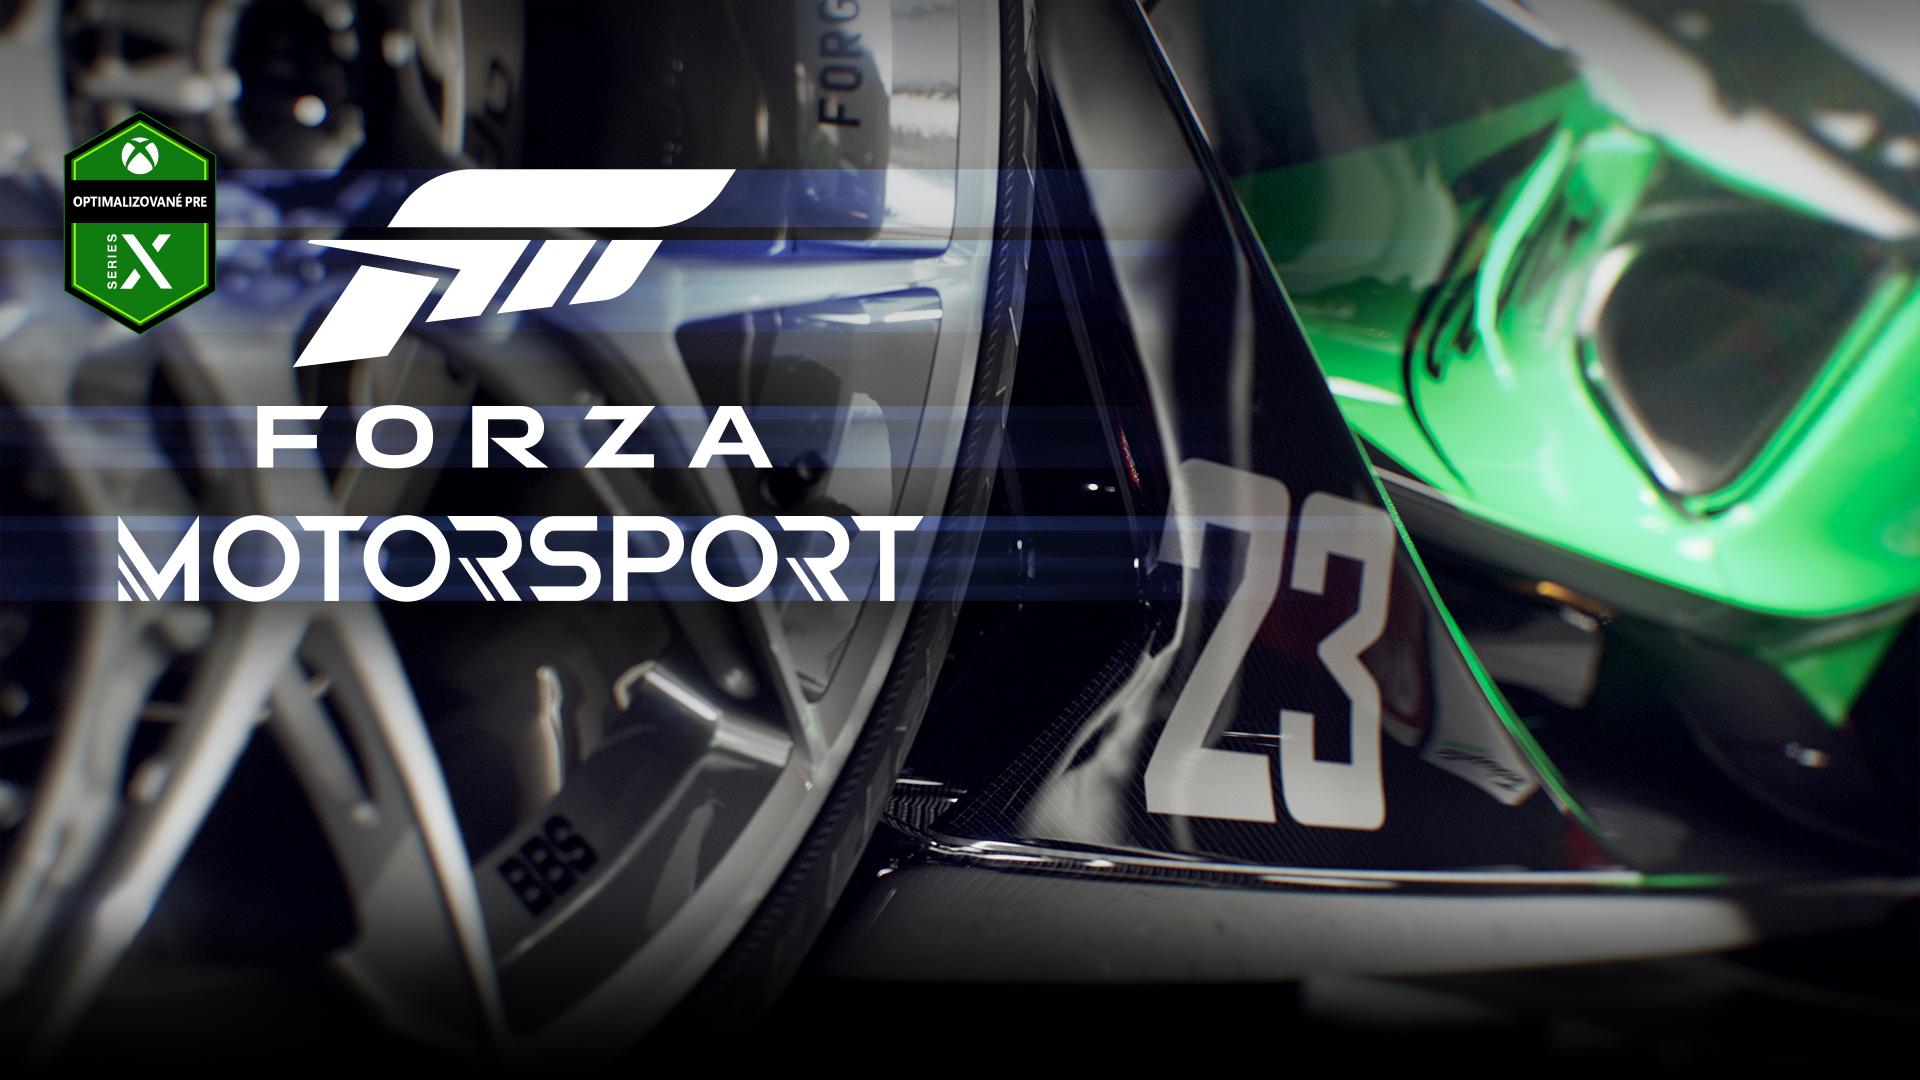 Optimalizované pre Xbox Series X, Forza Motorsport, detailný pohľad na koleso